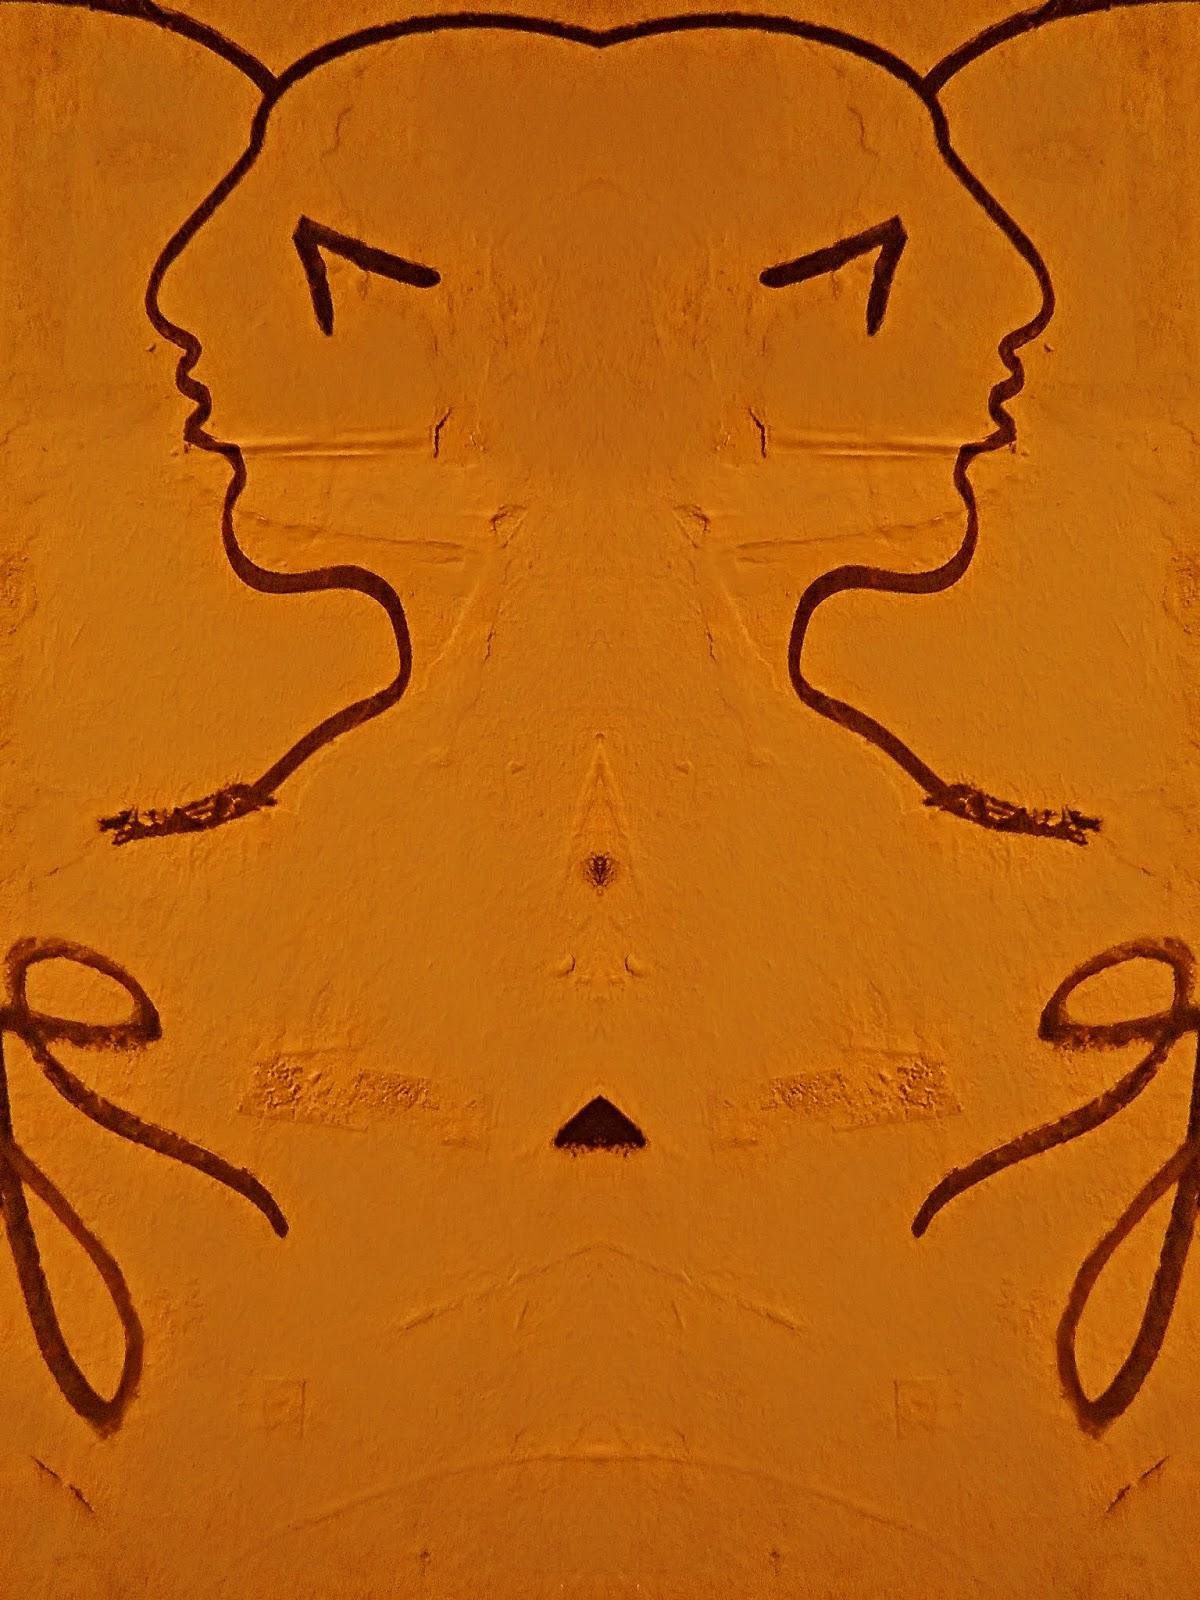 Dessins au trait noir, double visage en miroir de profil, fond orange.